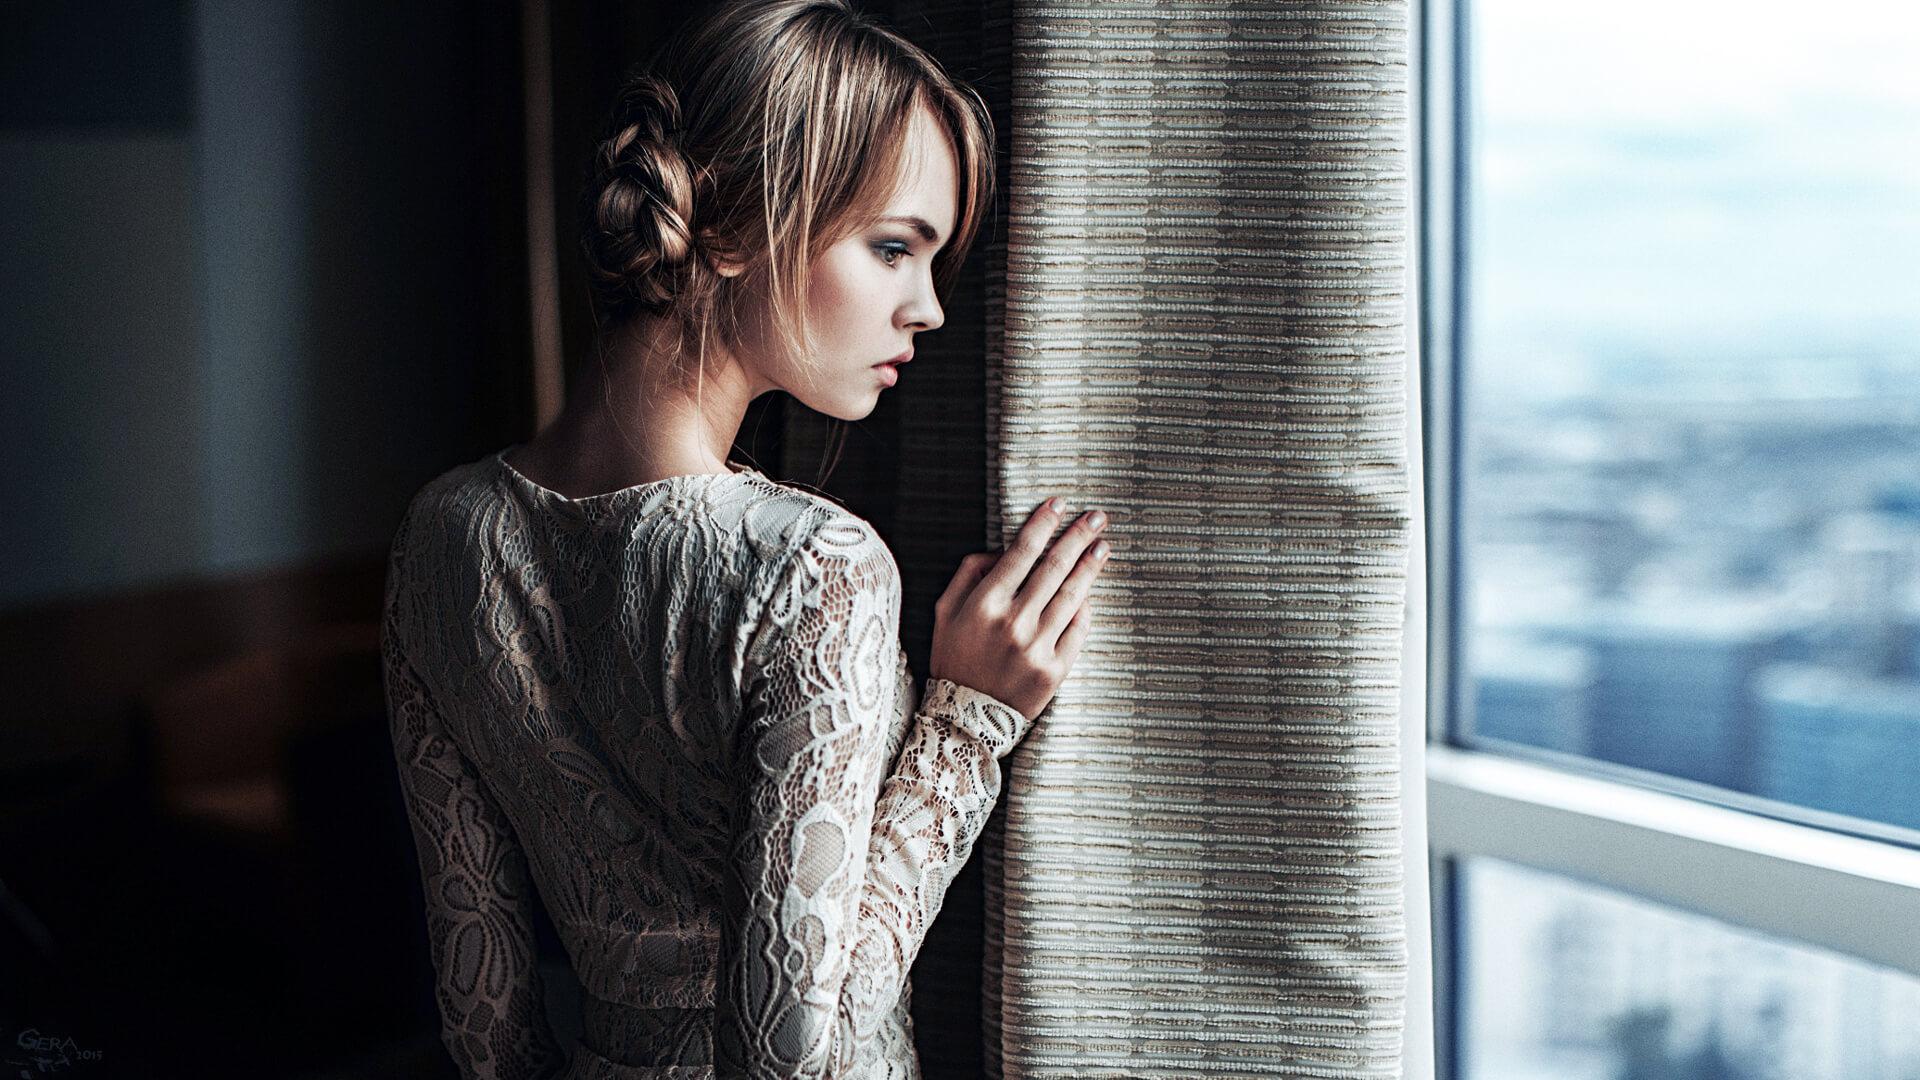 Красивые картинки девушек у окна - удивительная подборка 12